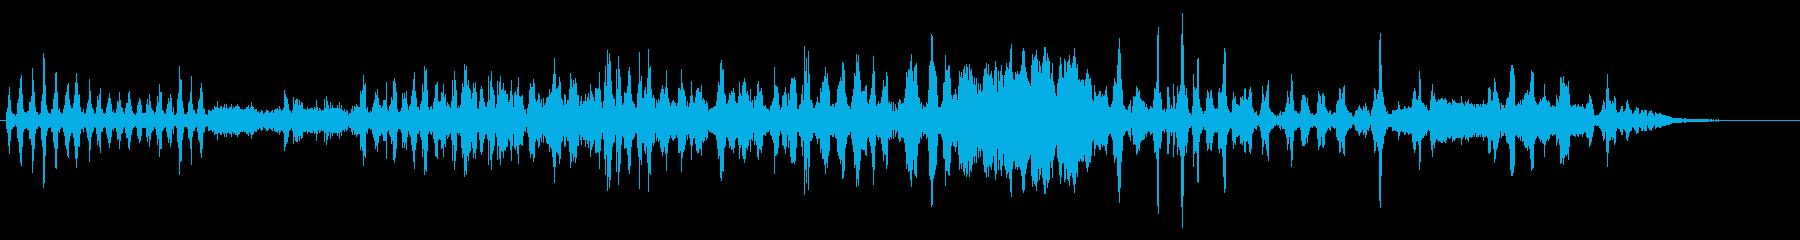 フェラーリフォーミュラ1;スタート...の再生済みの波形